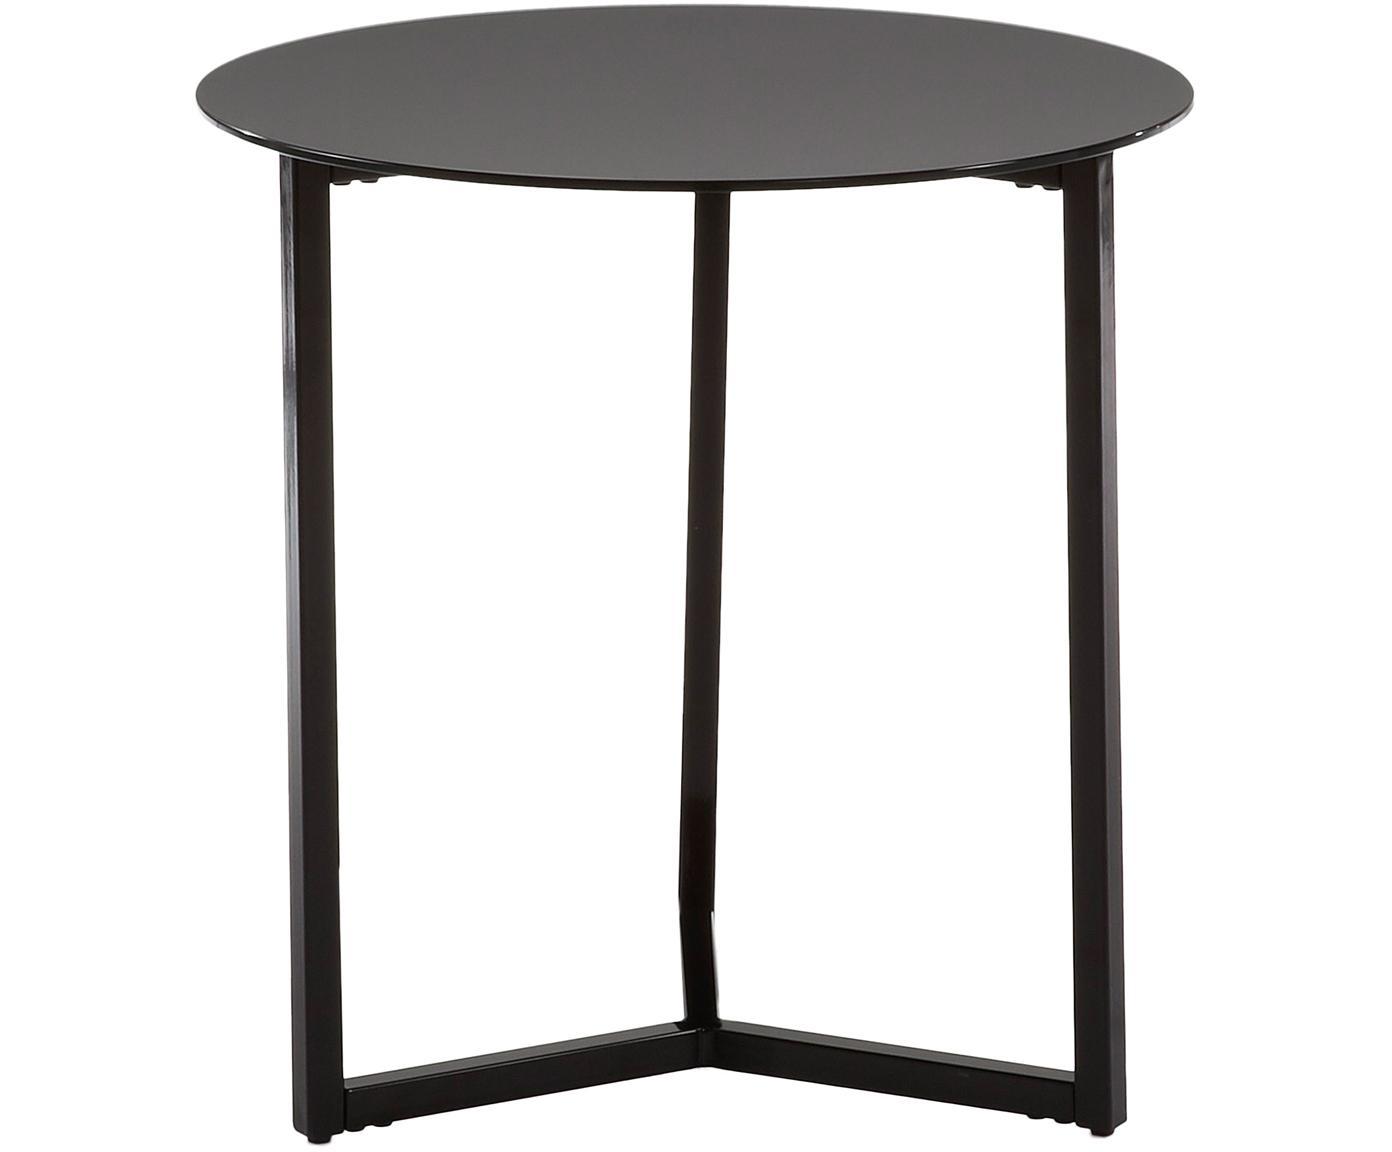 Tavolino rotondo con piano in vetro Raeam, Piano d'appoggio: vetro temperato colorato, Struttura: metallo verniciato, Nero, Ø 50 x Alt. 50 cm